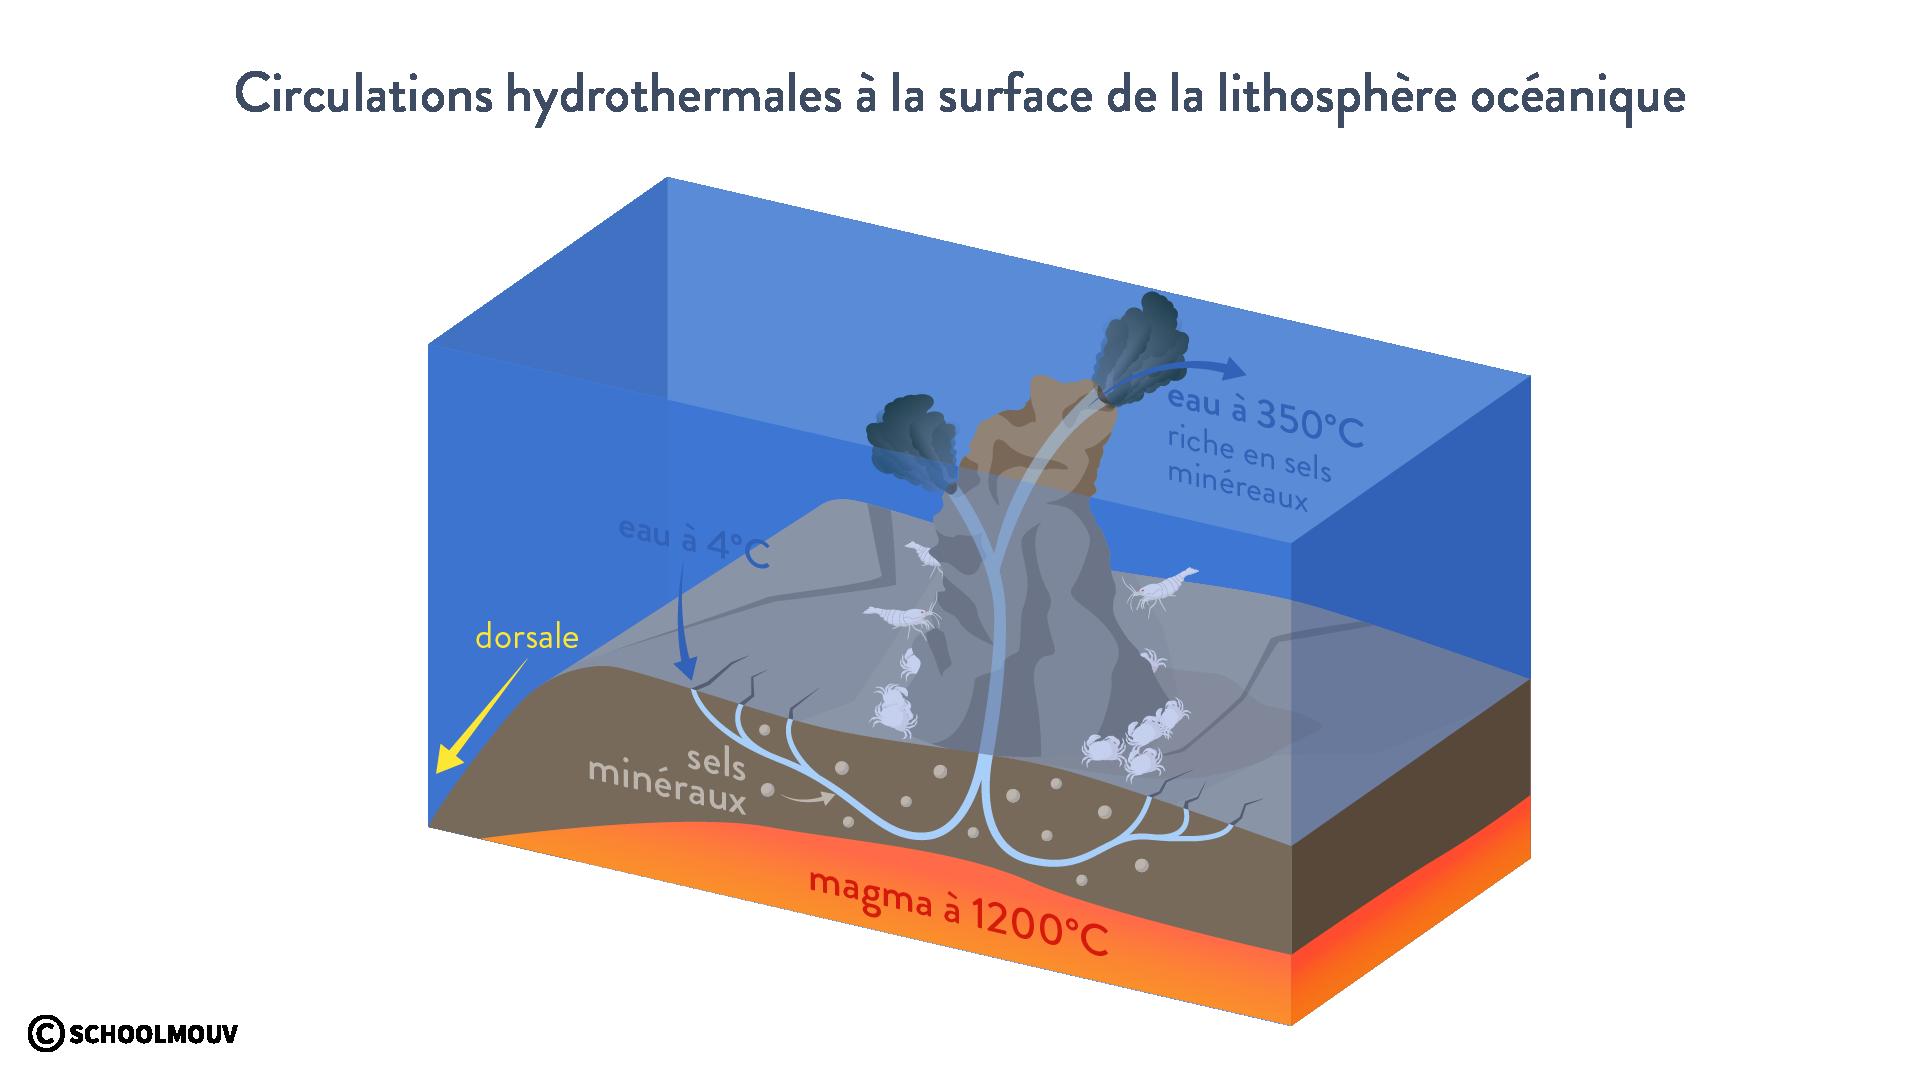 Circulations hydrothermales à la surface de la lithosphère océanique svt première